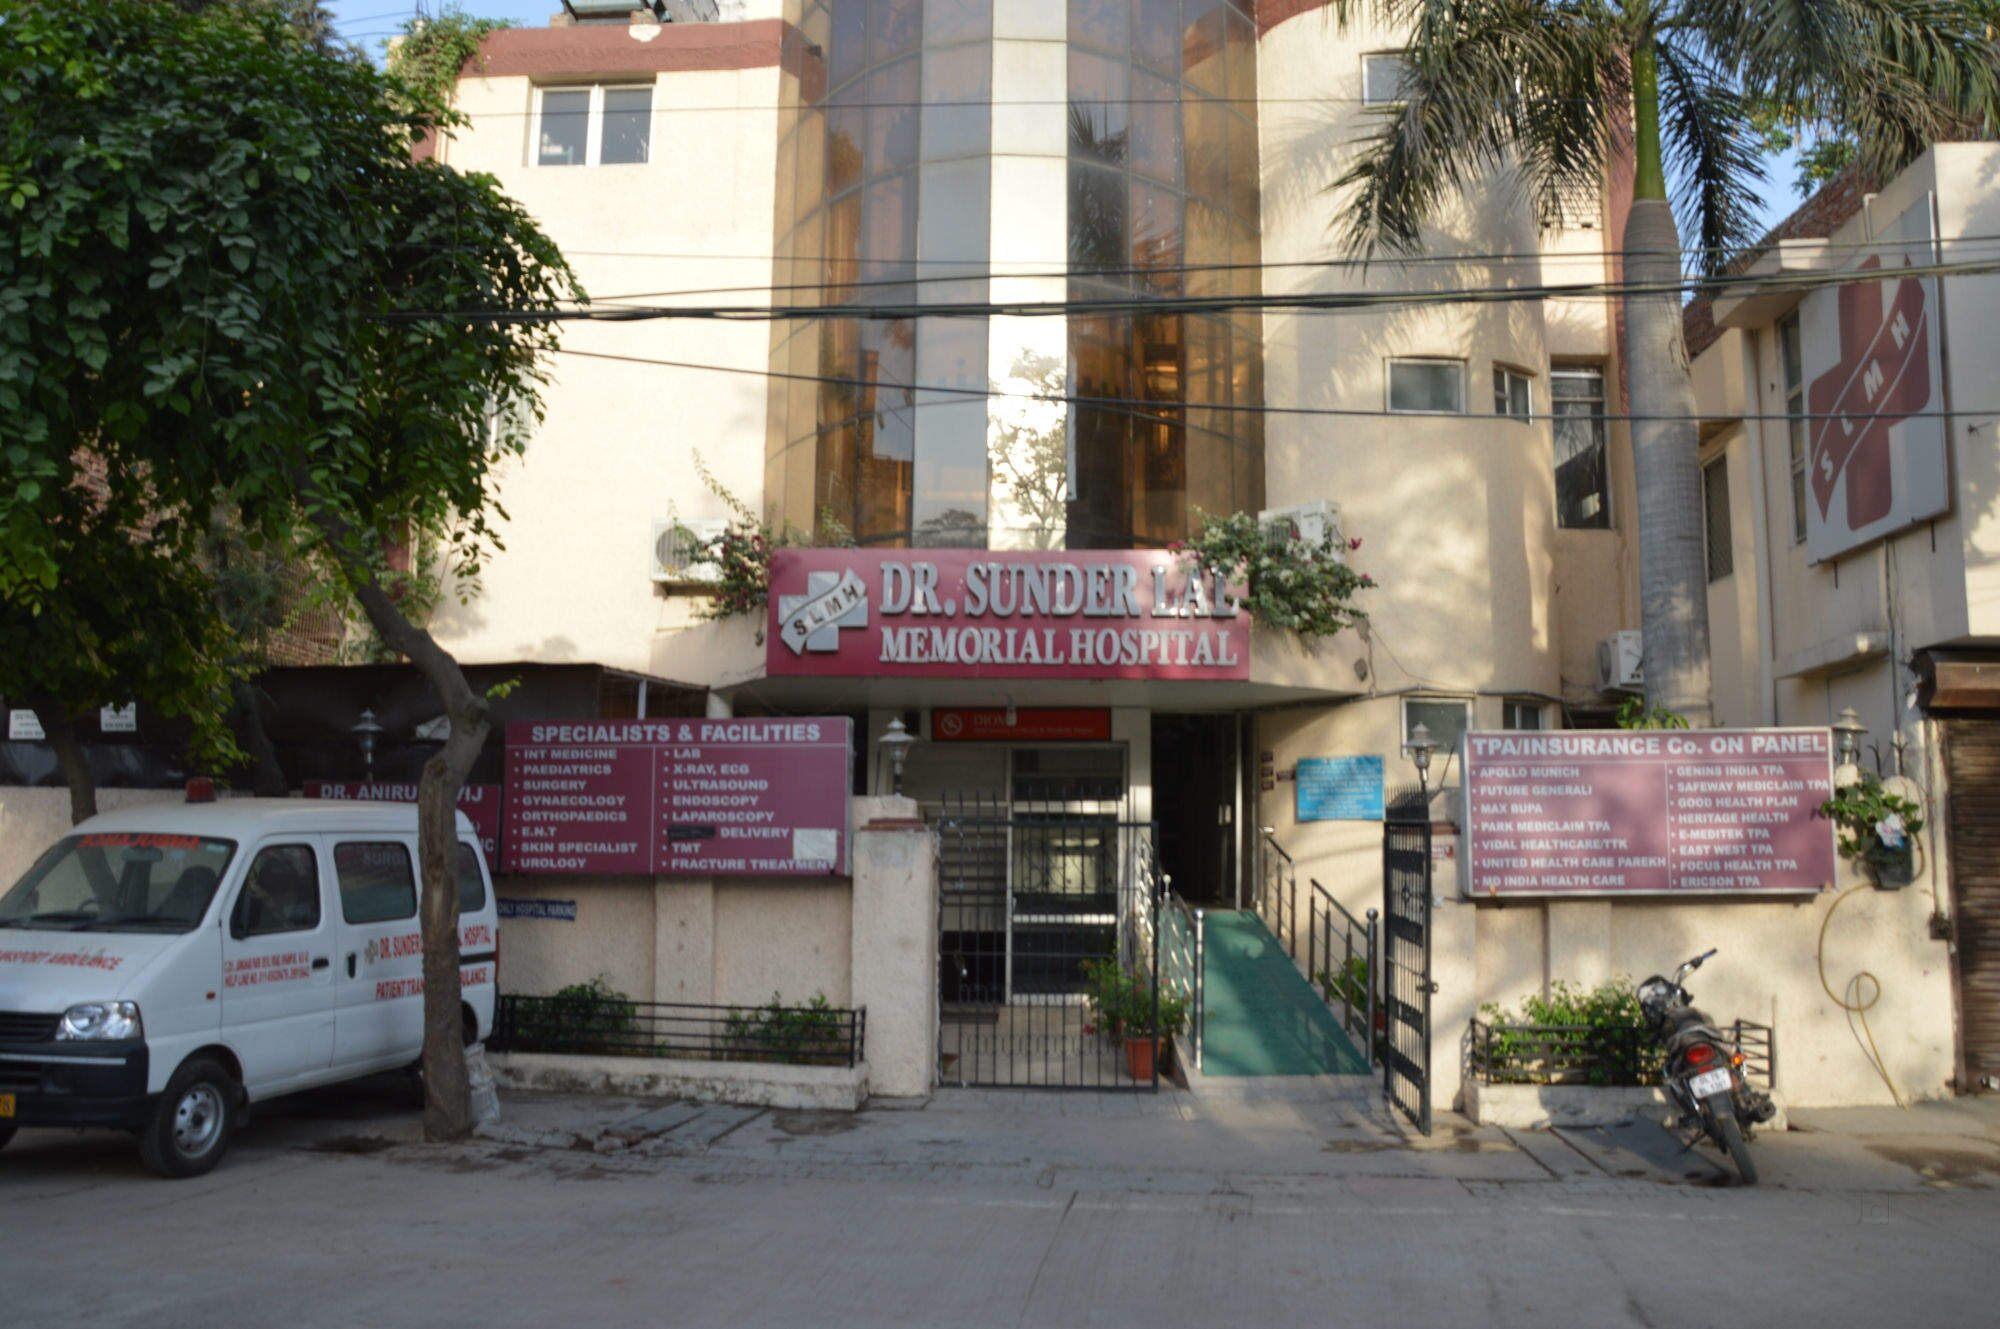 Sunder Lal Memorial Hospital - Dilshad Garden - Delhi Image